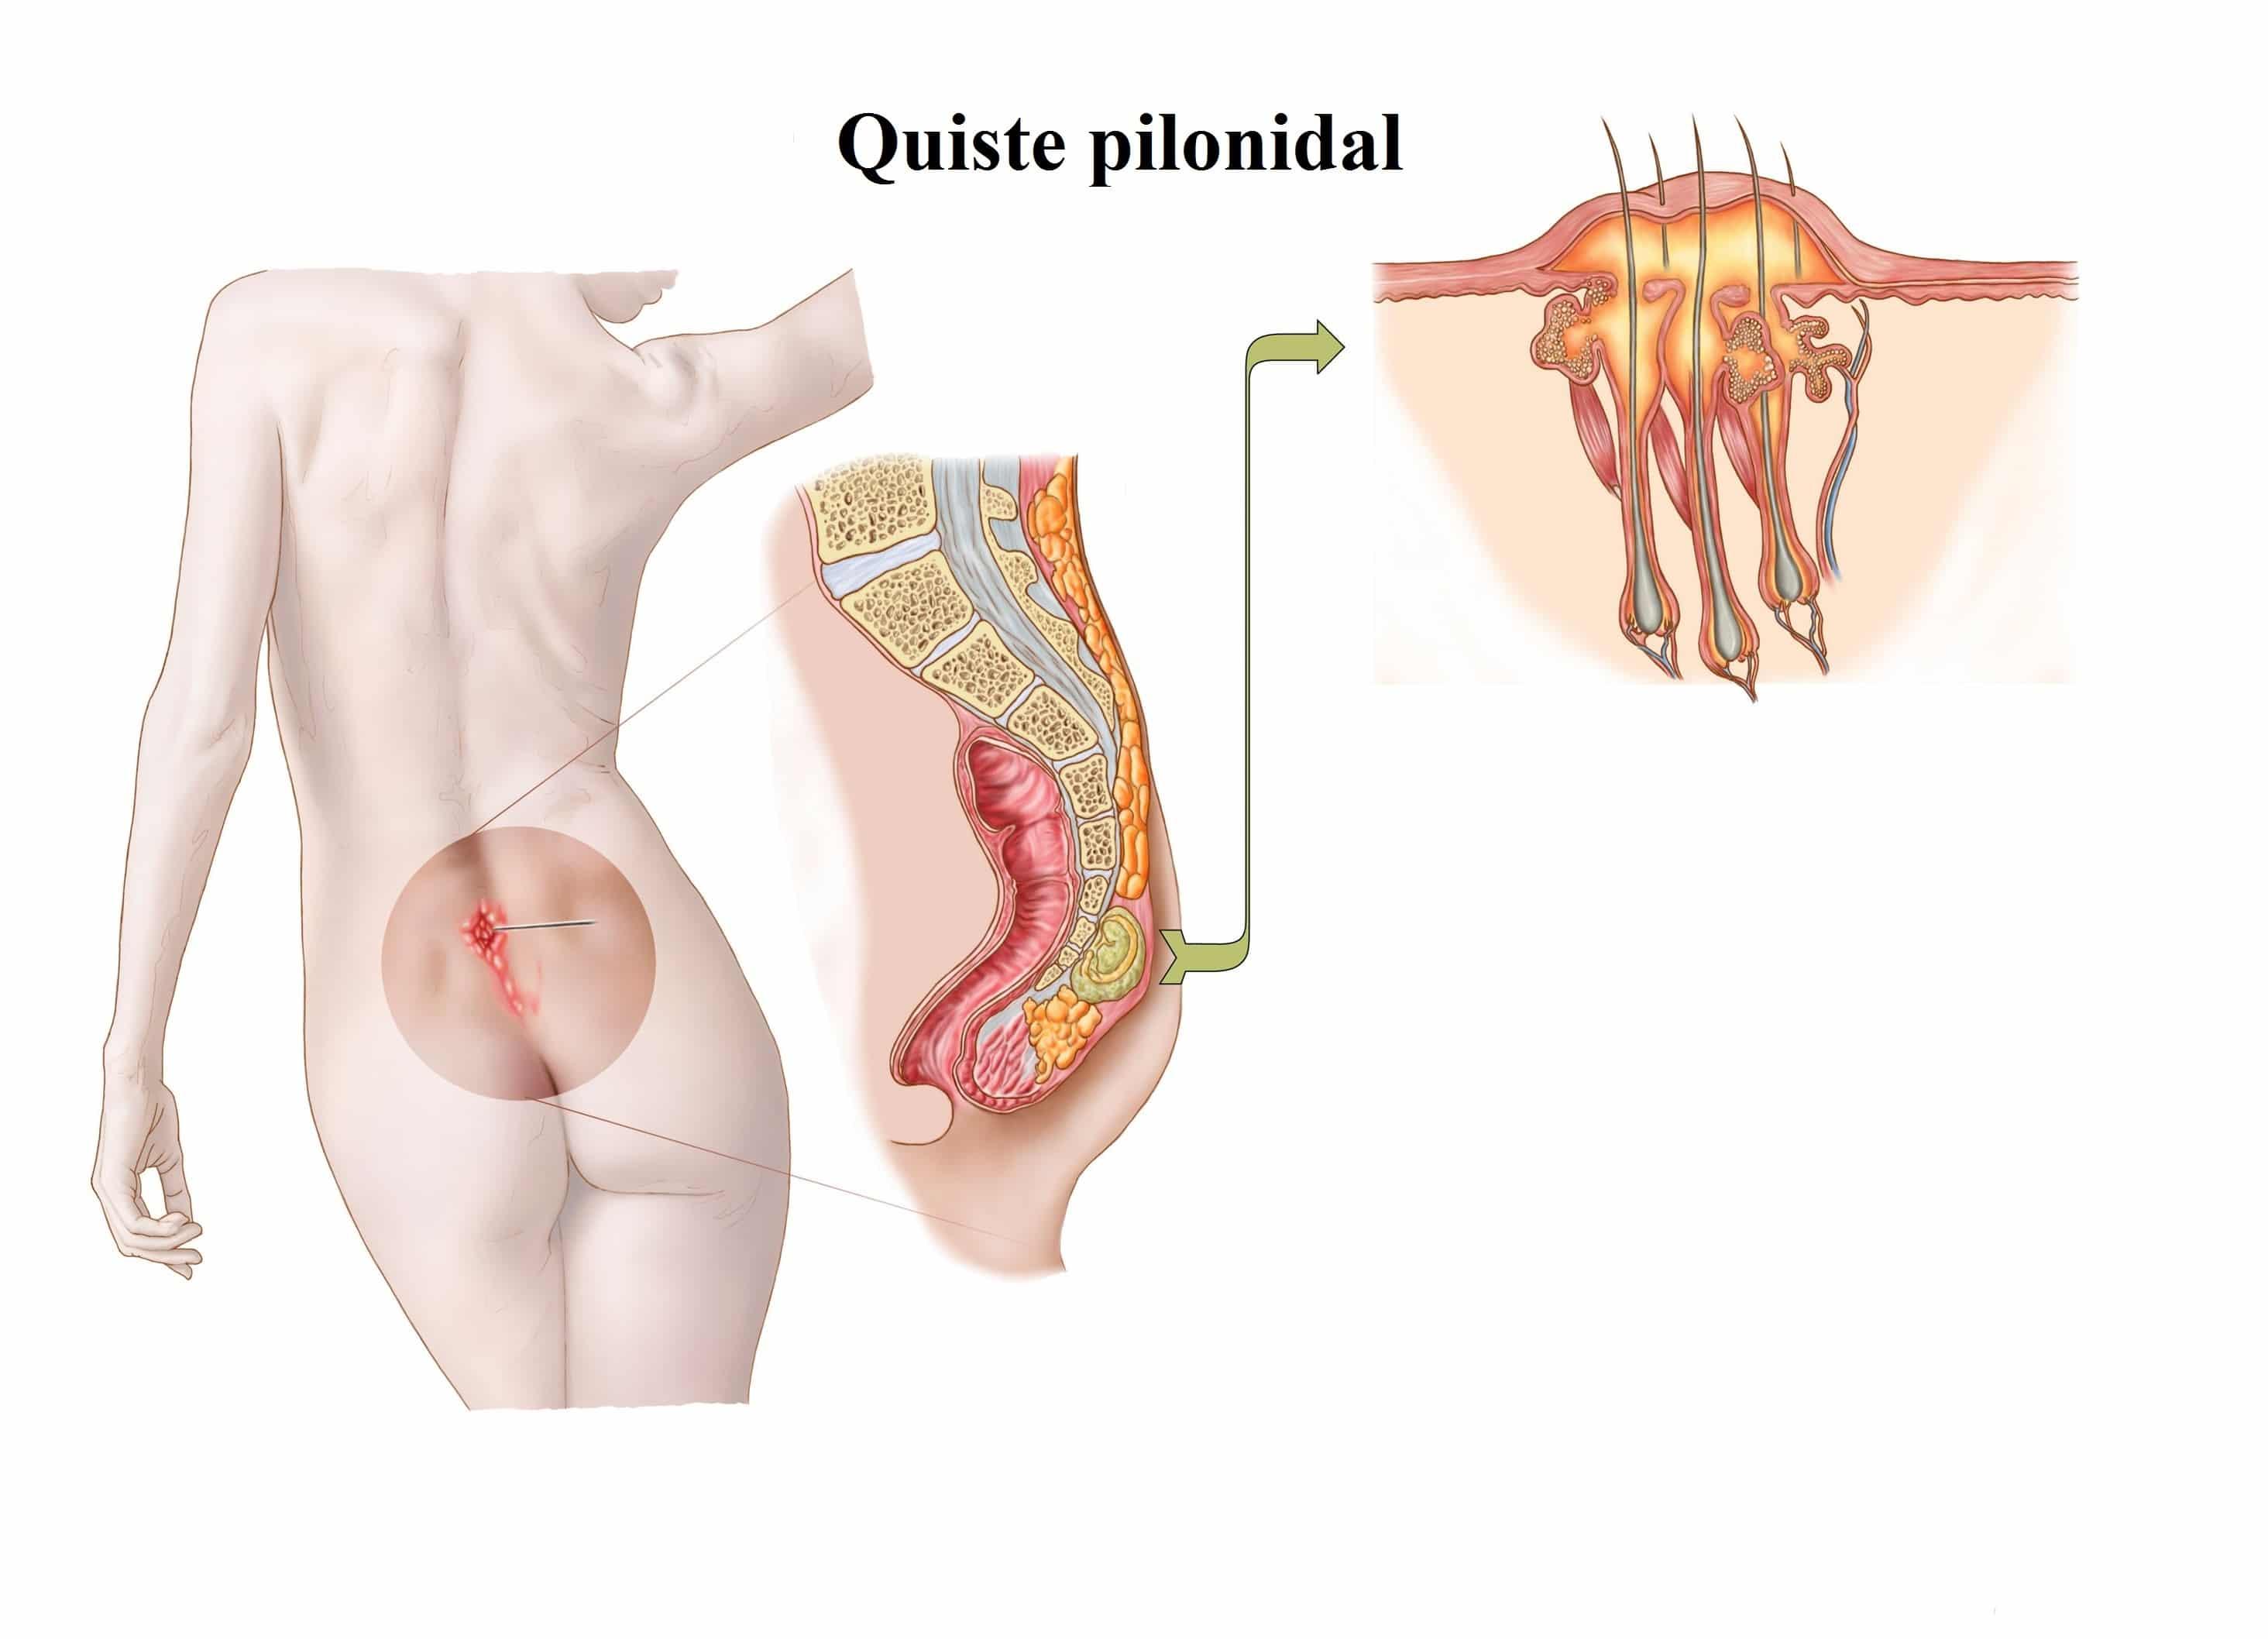 quiste-pilonidal